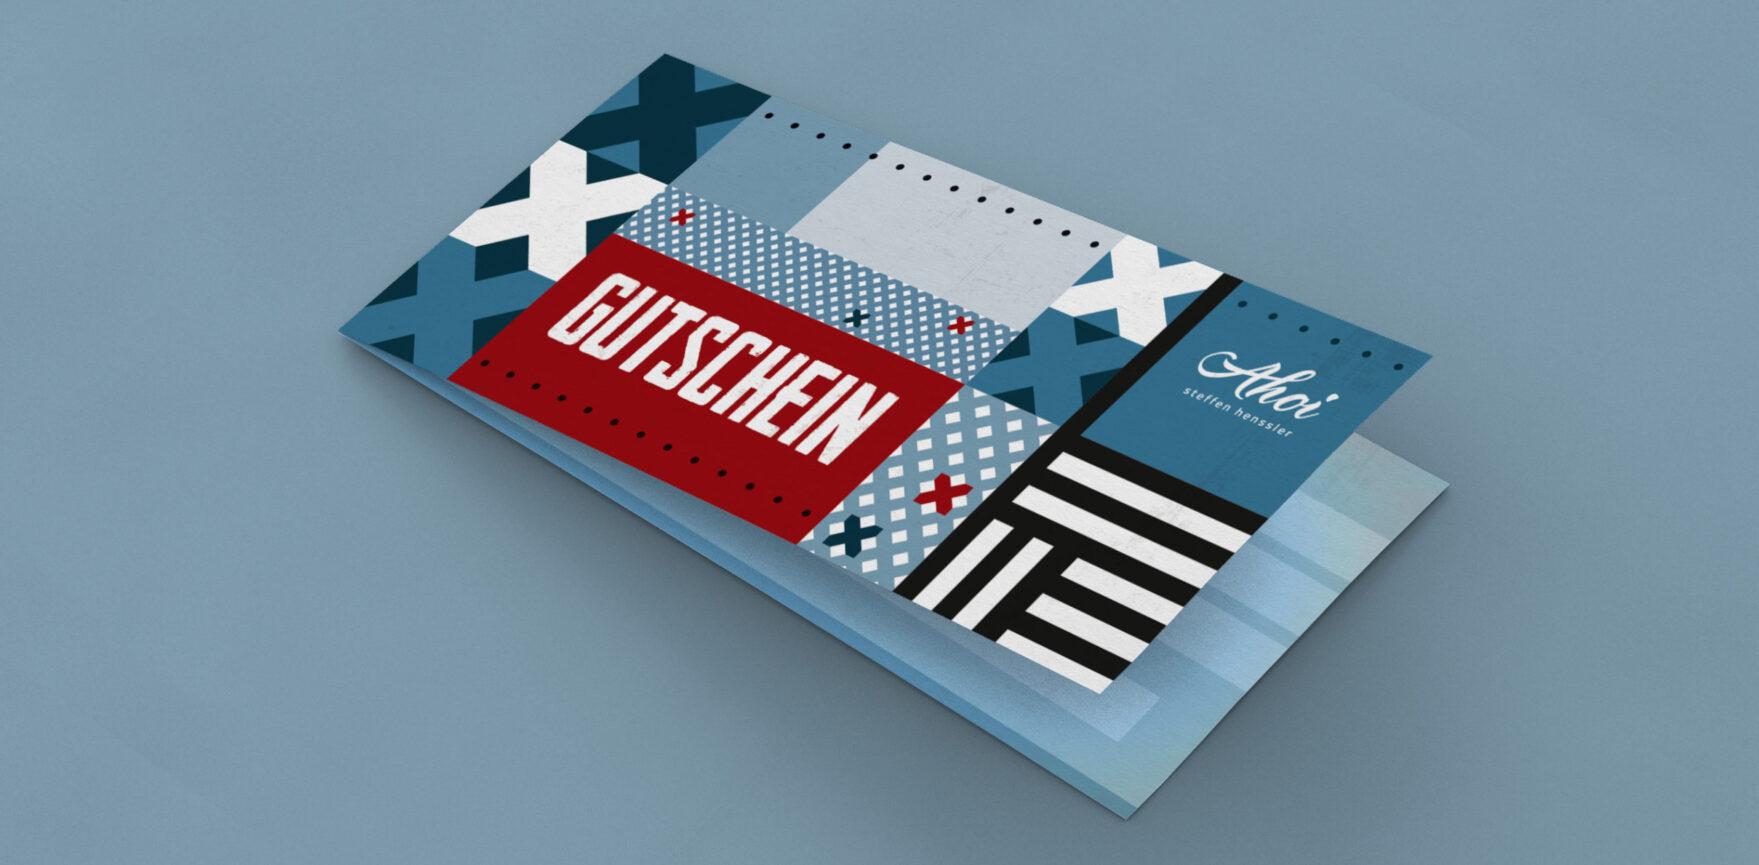 Ahoi Gutschein Travemuende Corporate Design auf Print Produkt